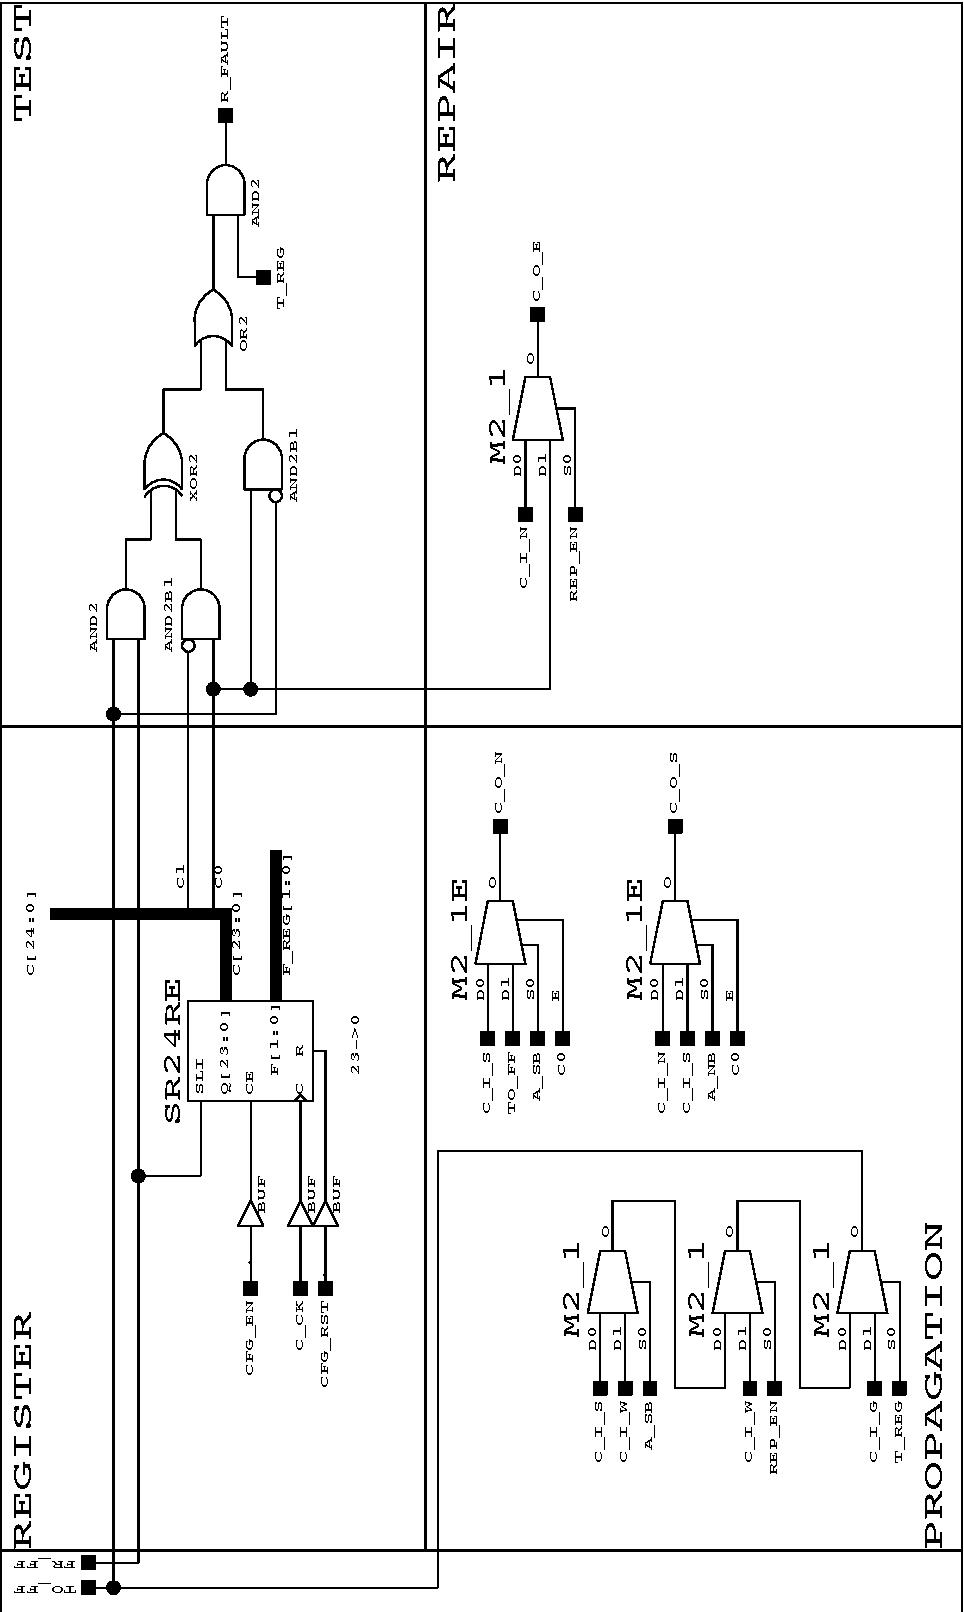 figure B-15